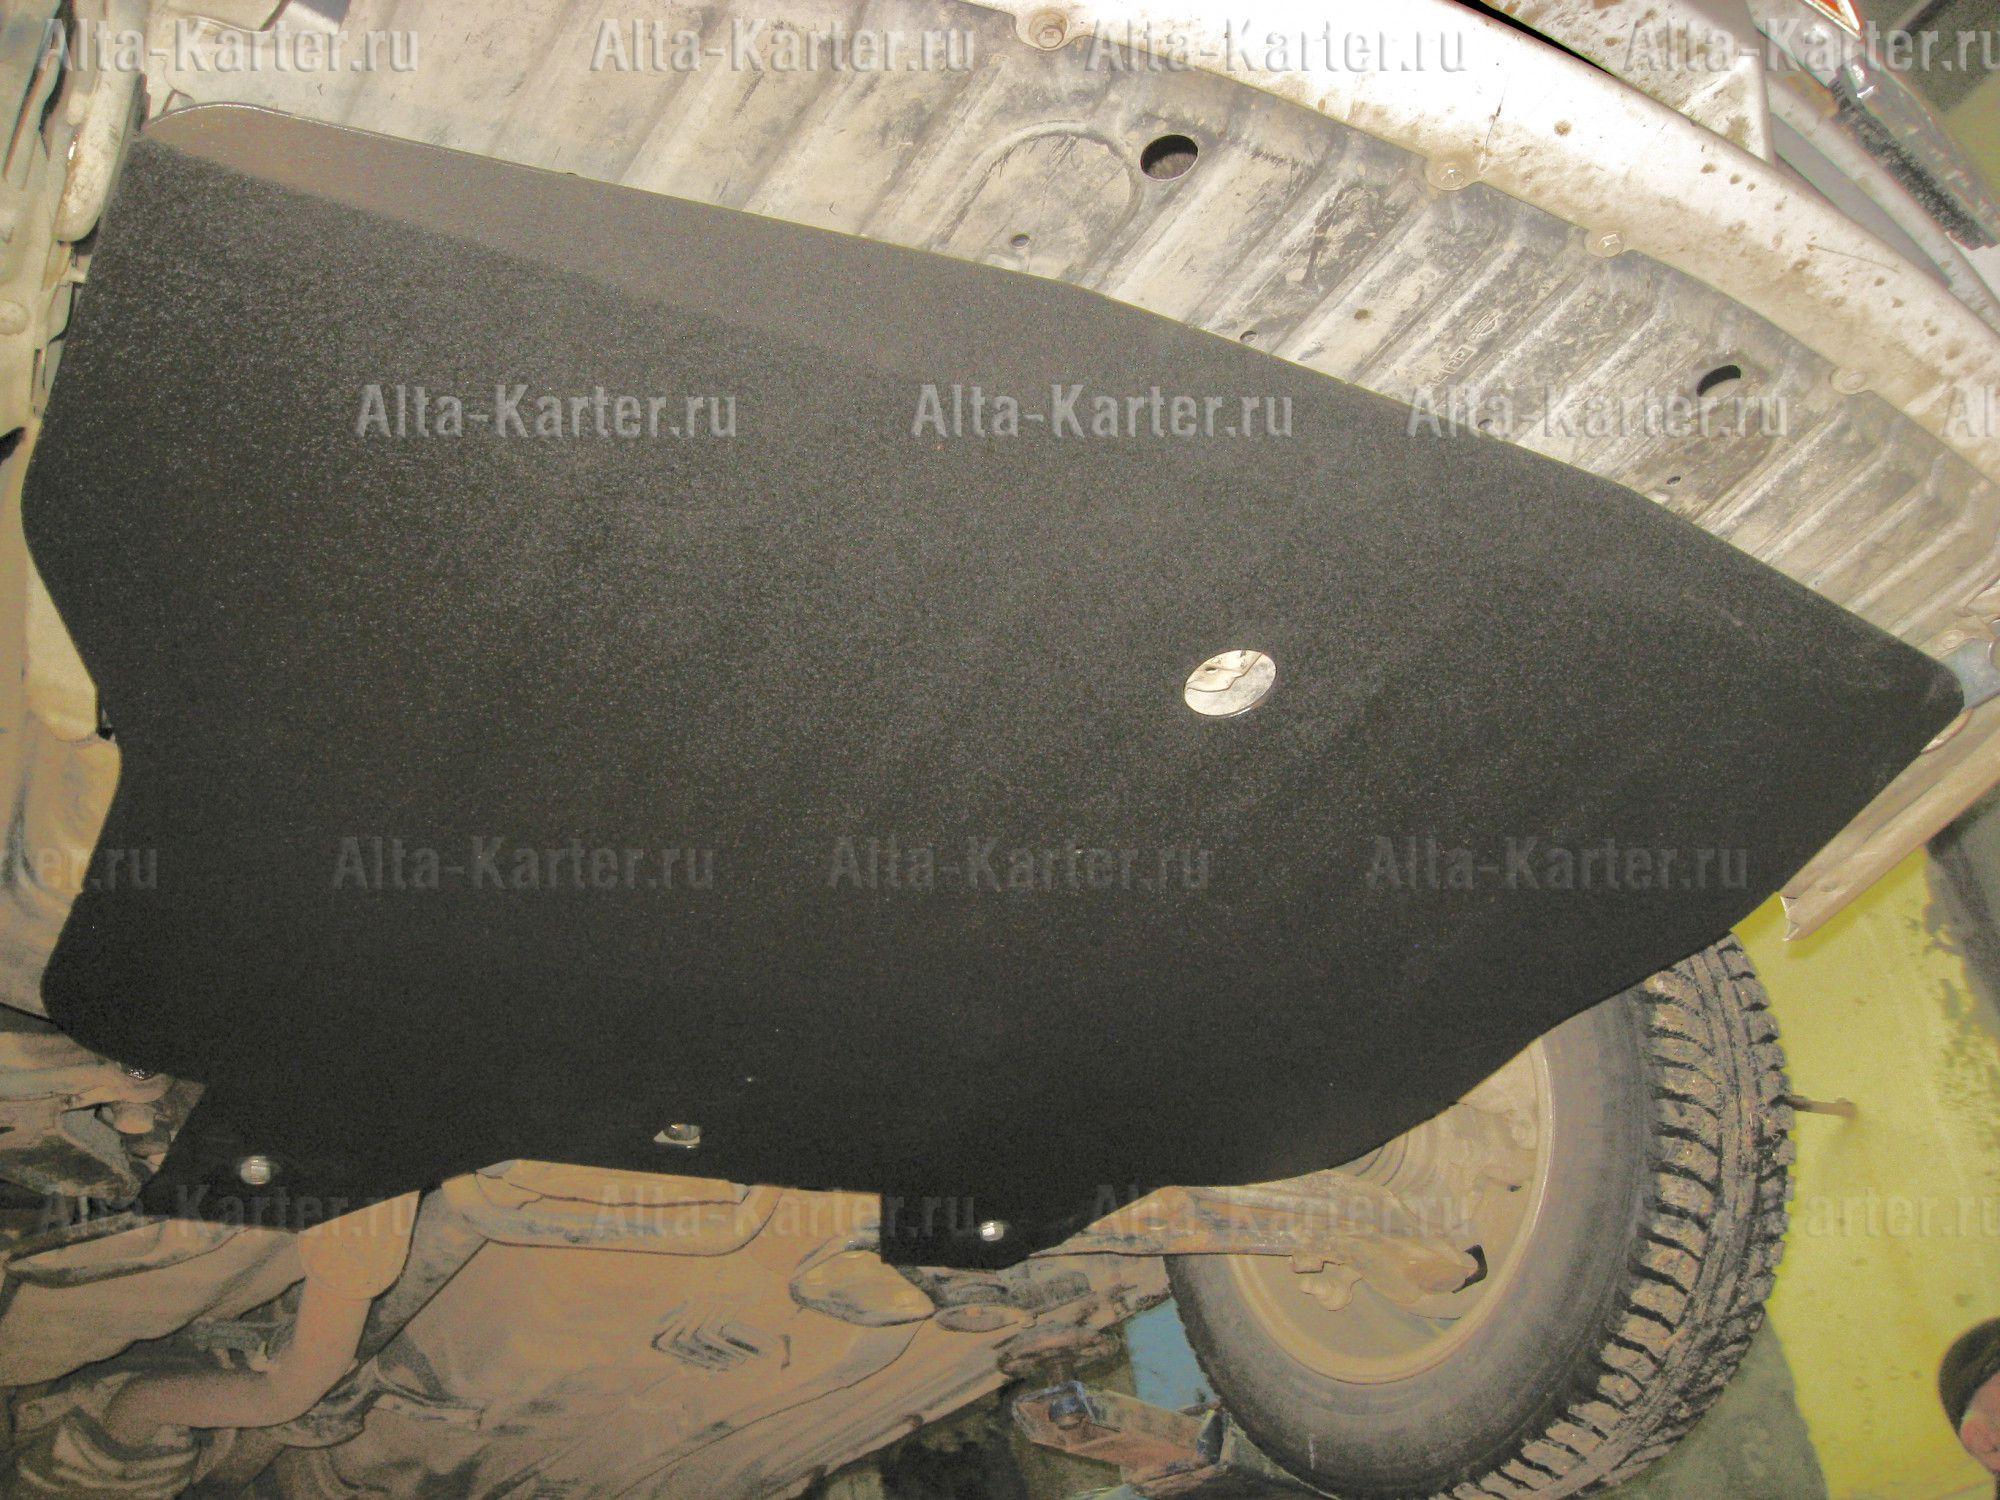 Защита Alfeco для картера и AКПП Nissan Serena C24 2000-2005. Артикул ALF.15.38 st